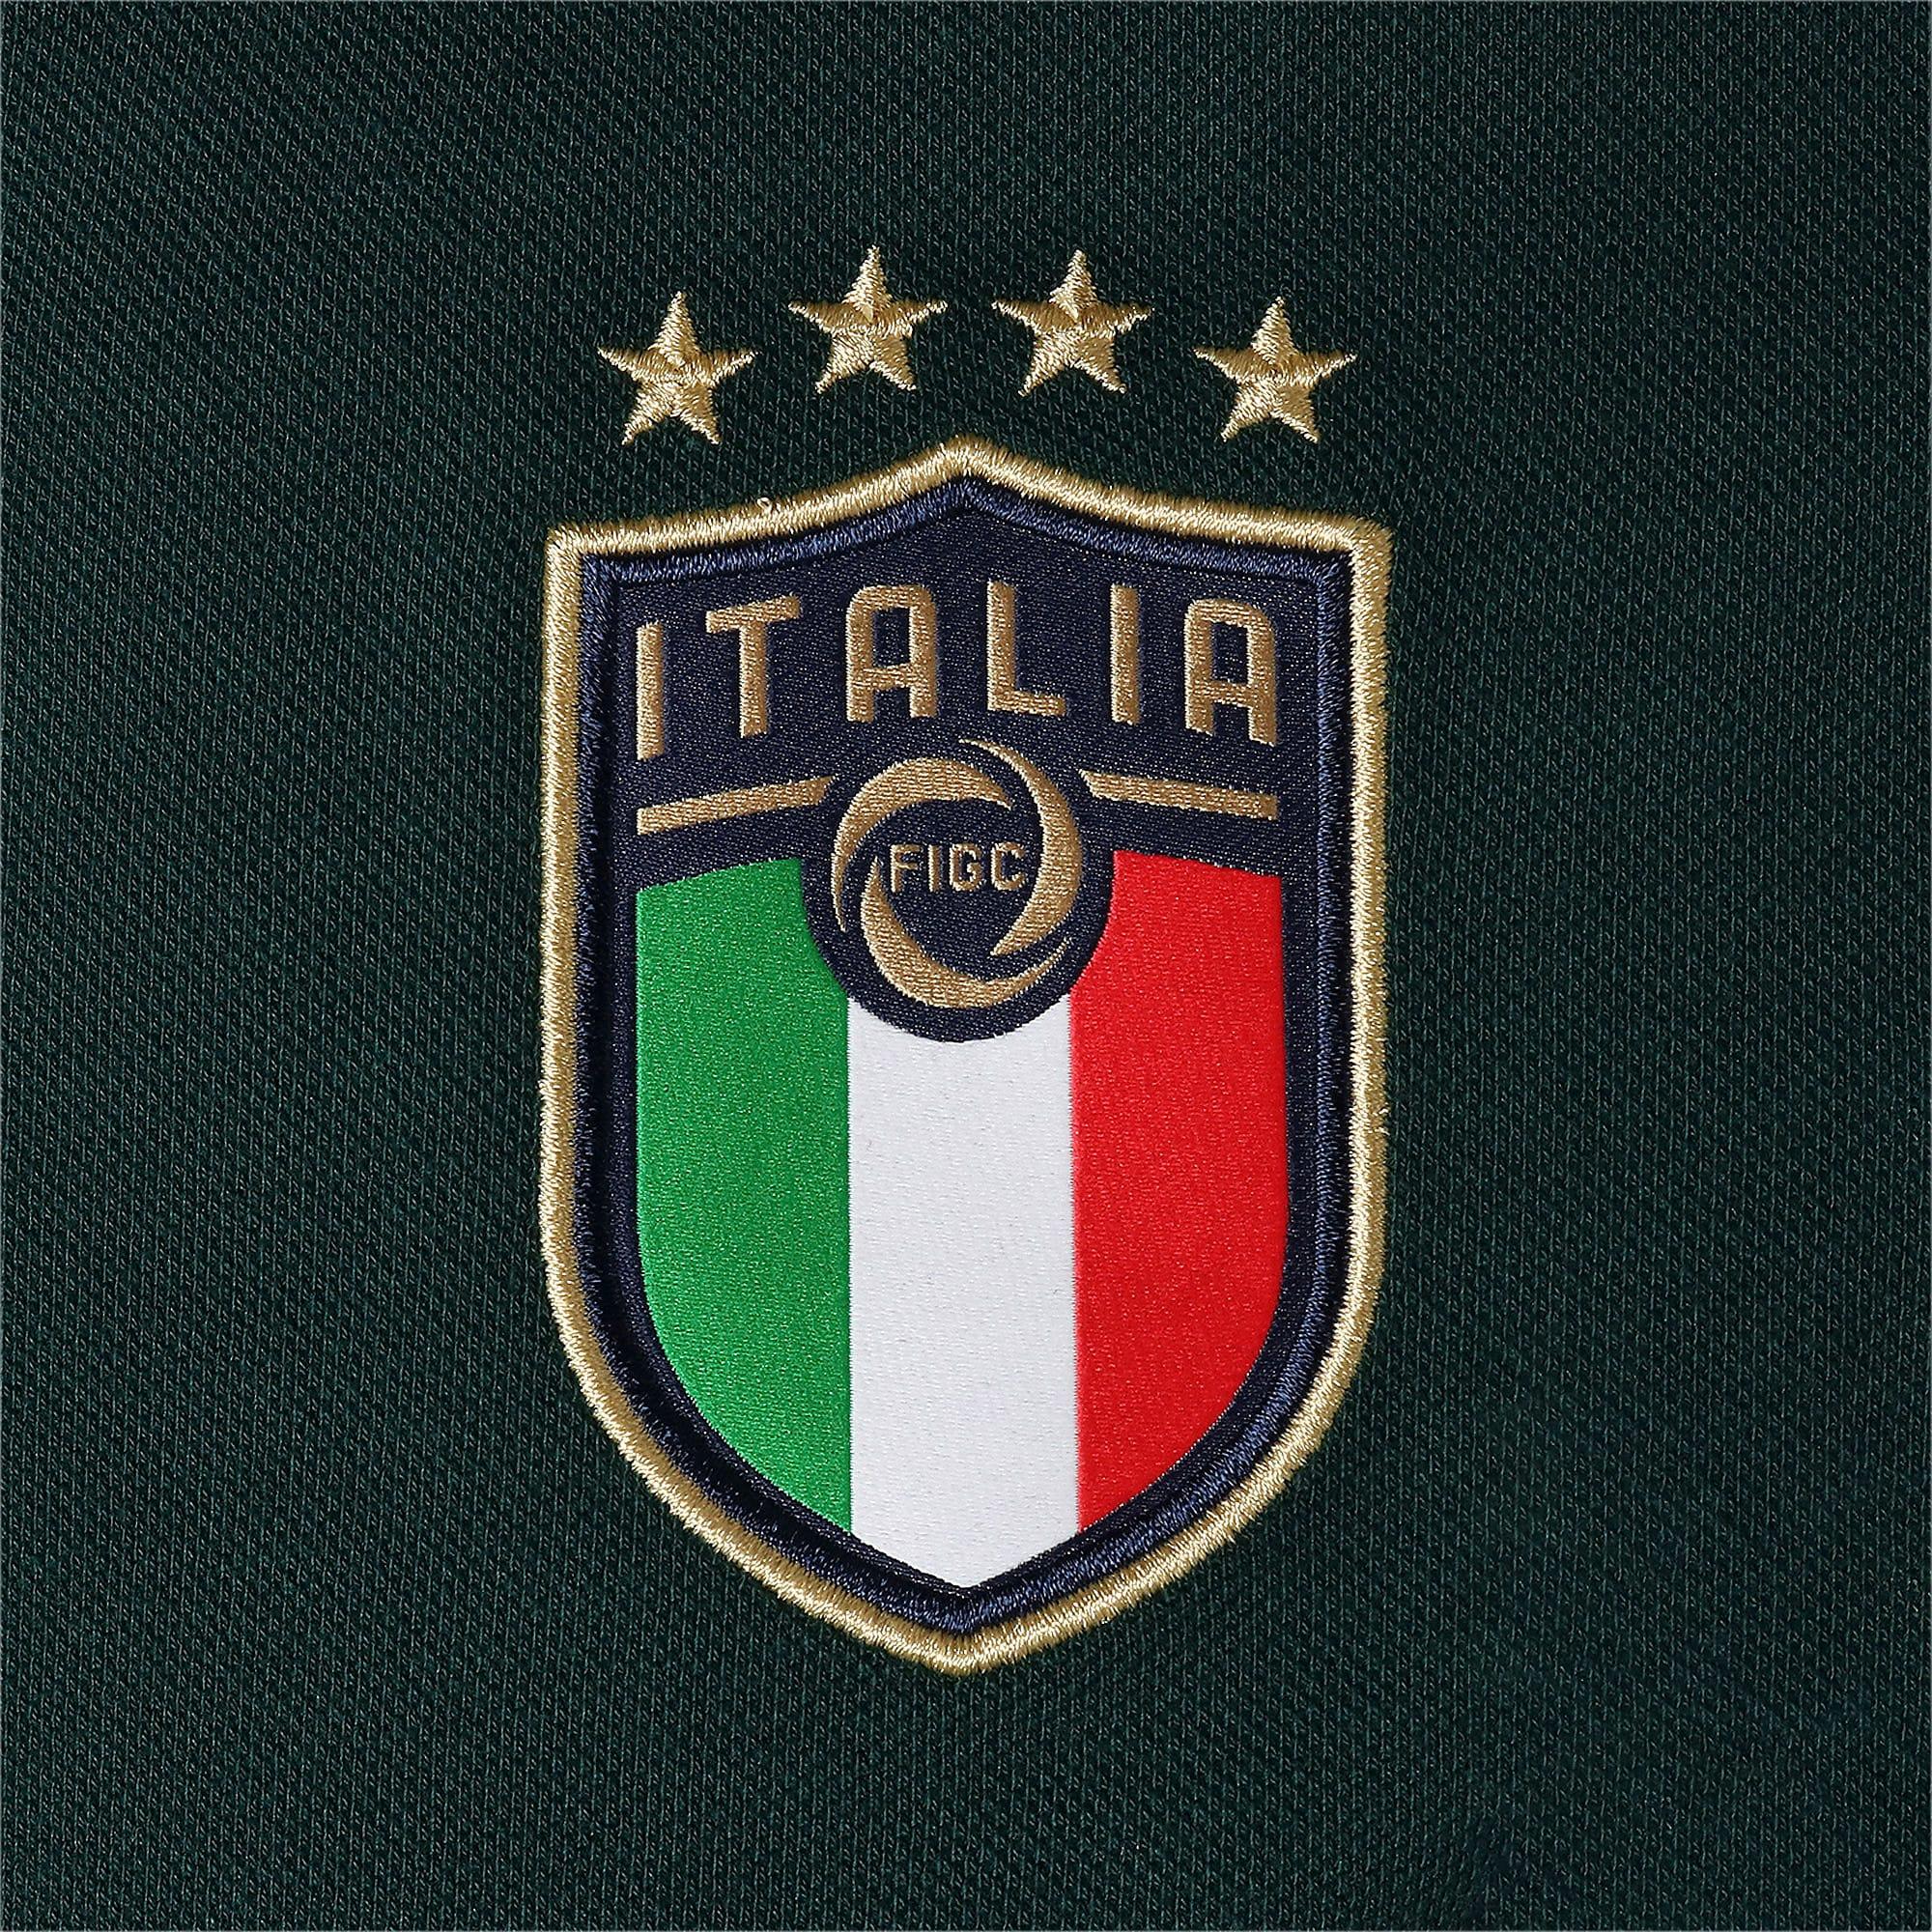 Thumbnail 8 of FIGC イタリア カジュアル ポロシャツ 半袖, Ponderosa Pine-Peacoat, medium-JPN